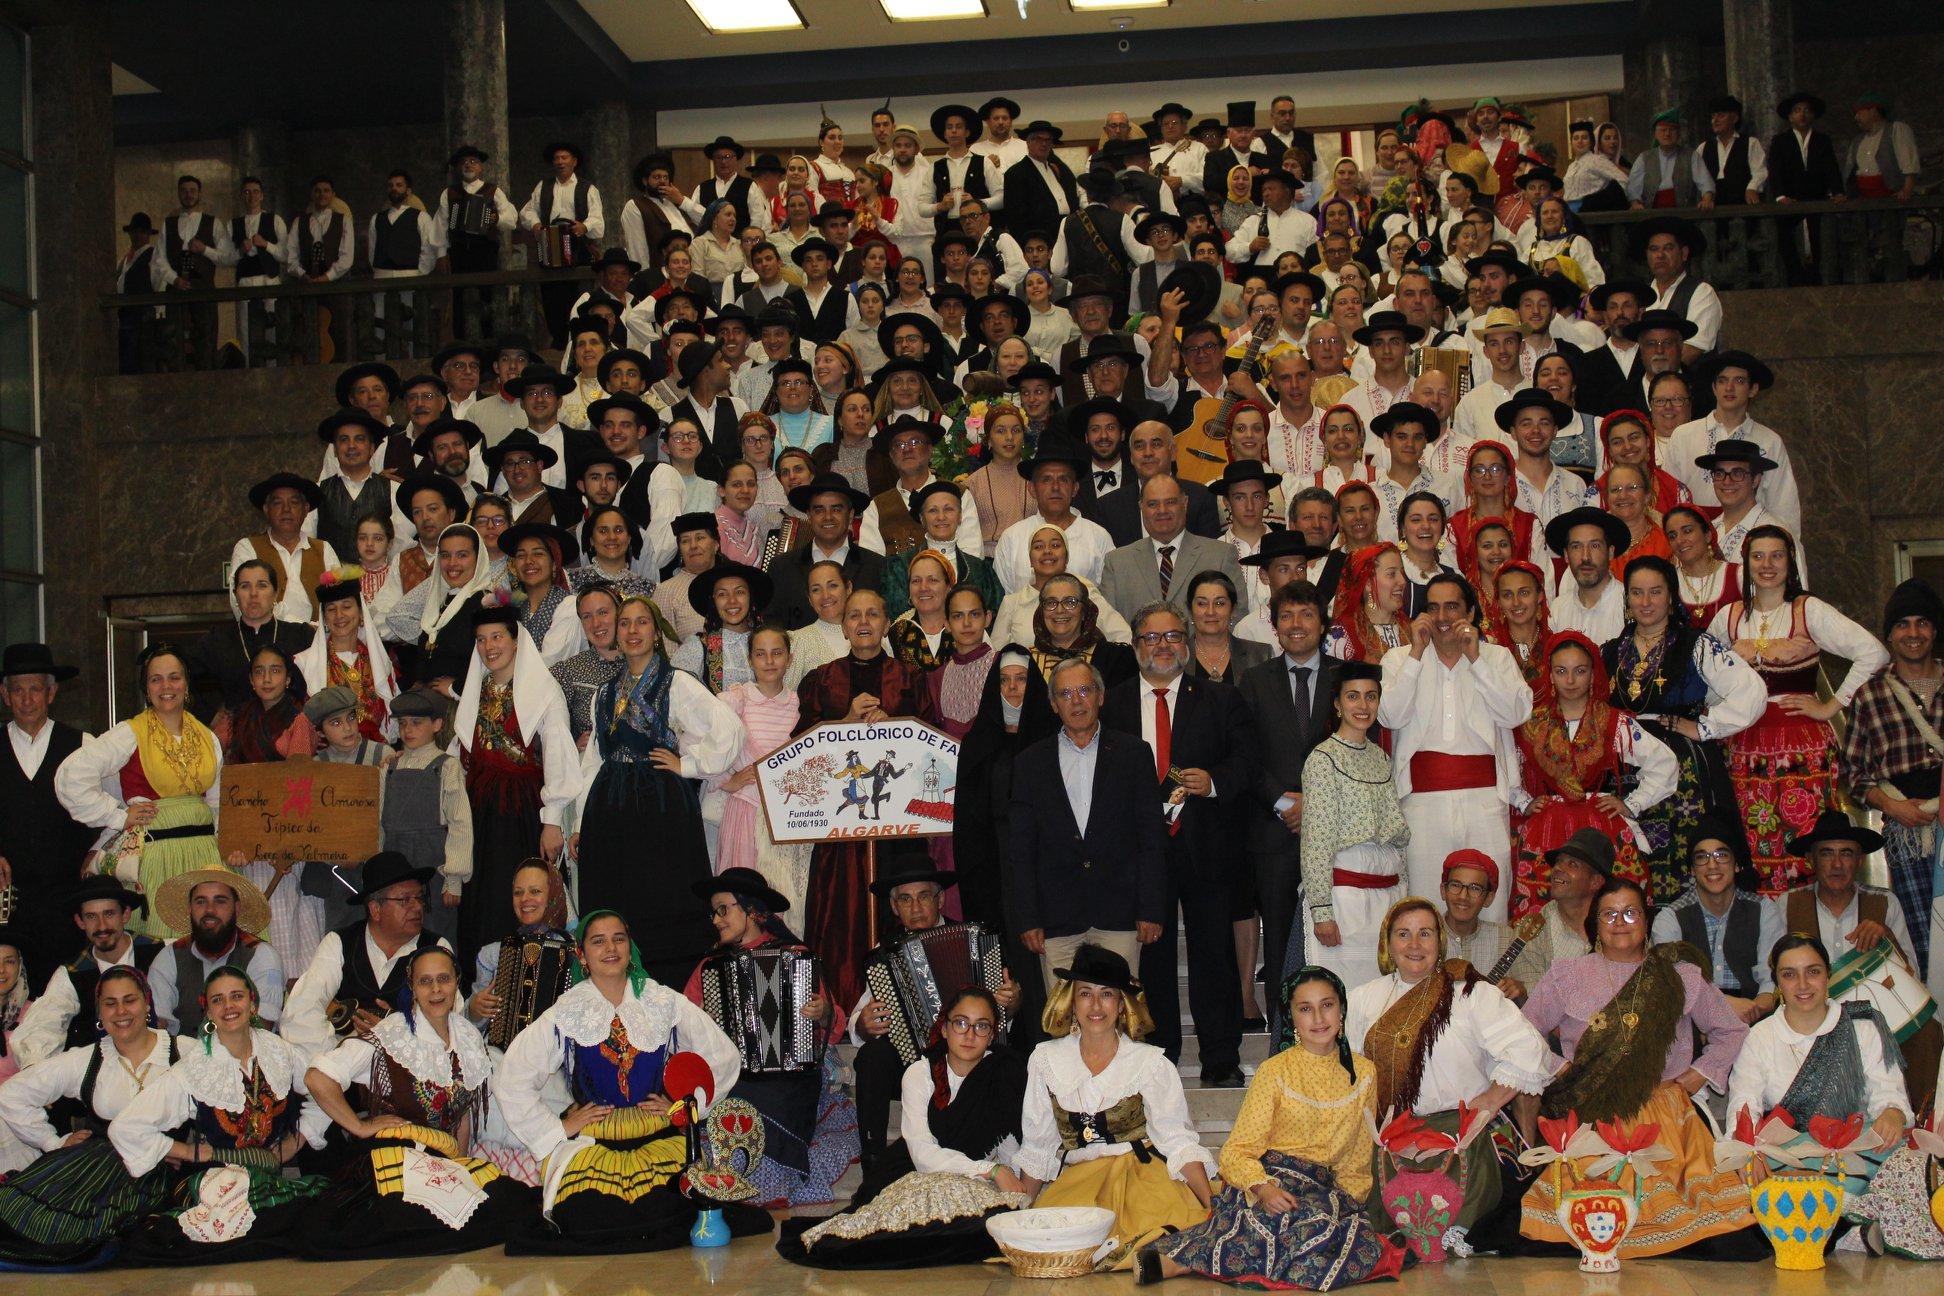 Festival Internacional de Folclore do Rio na Gala CIOFF em Lisboa